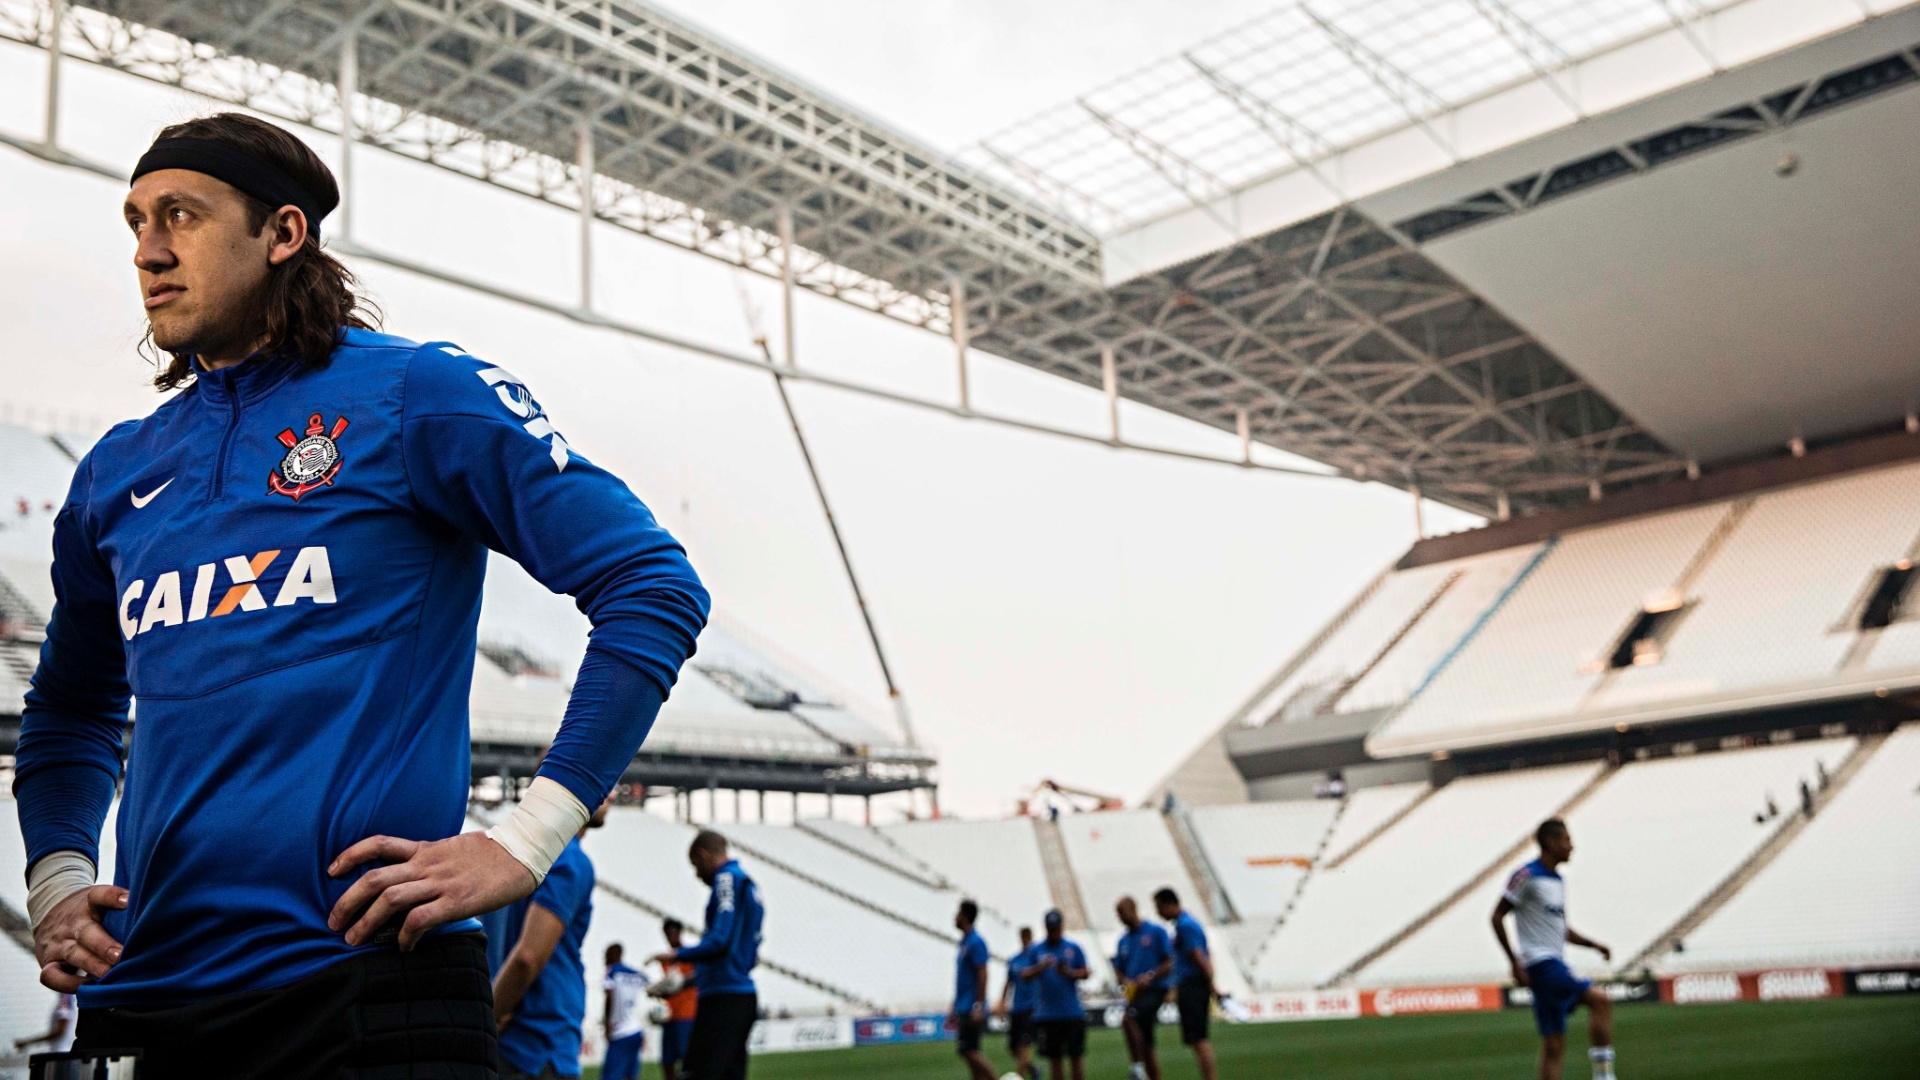 Cássio também participou das atividades da equipe no novo estádio